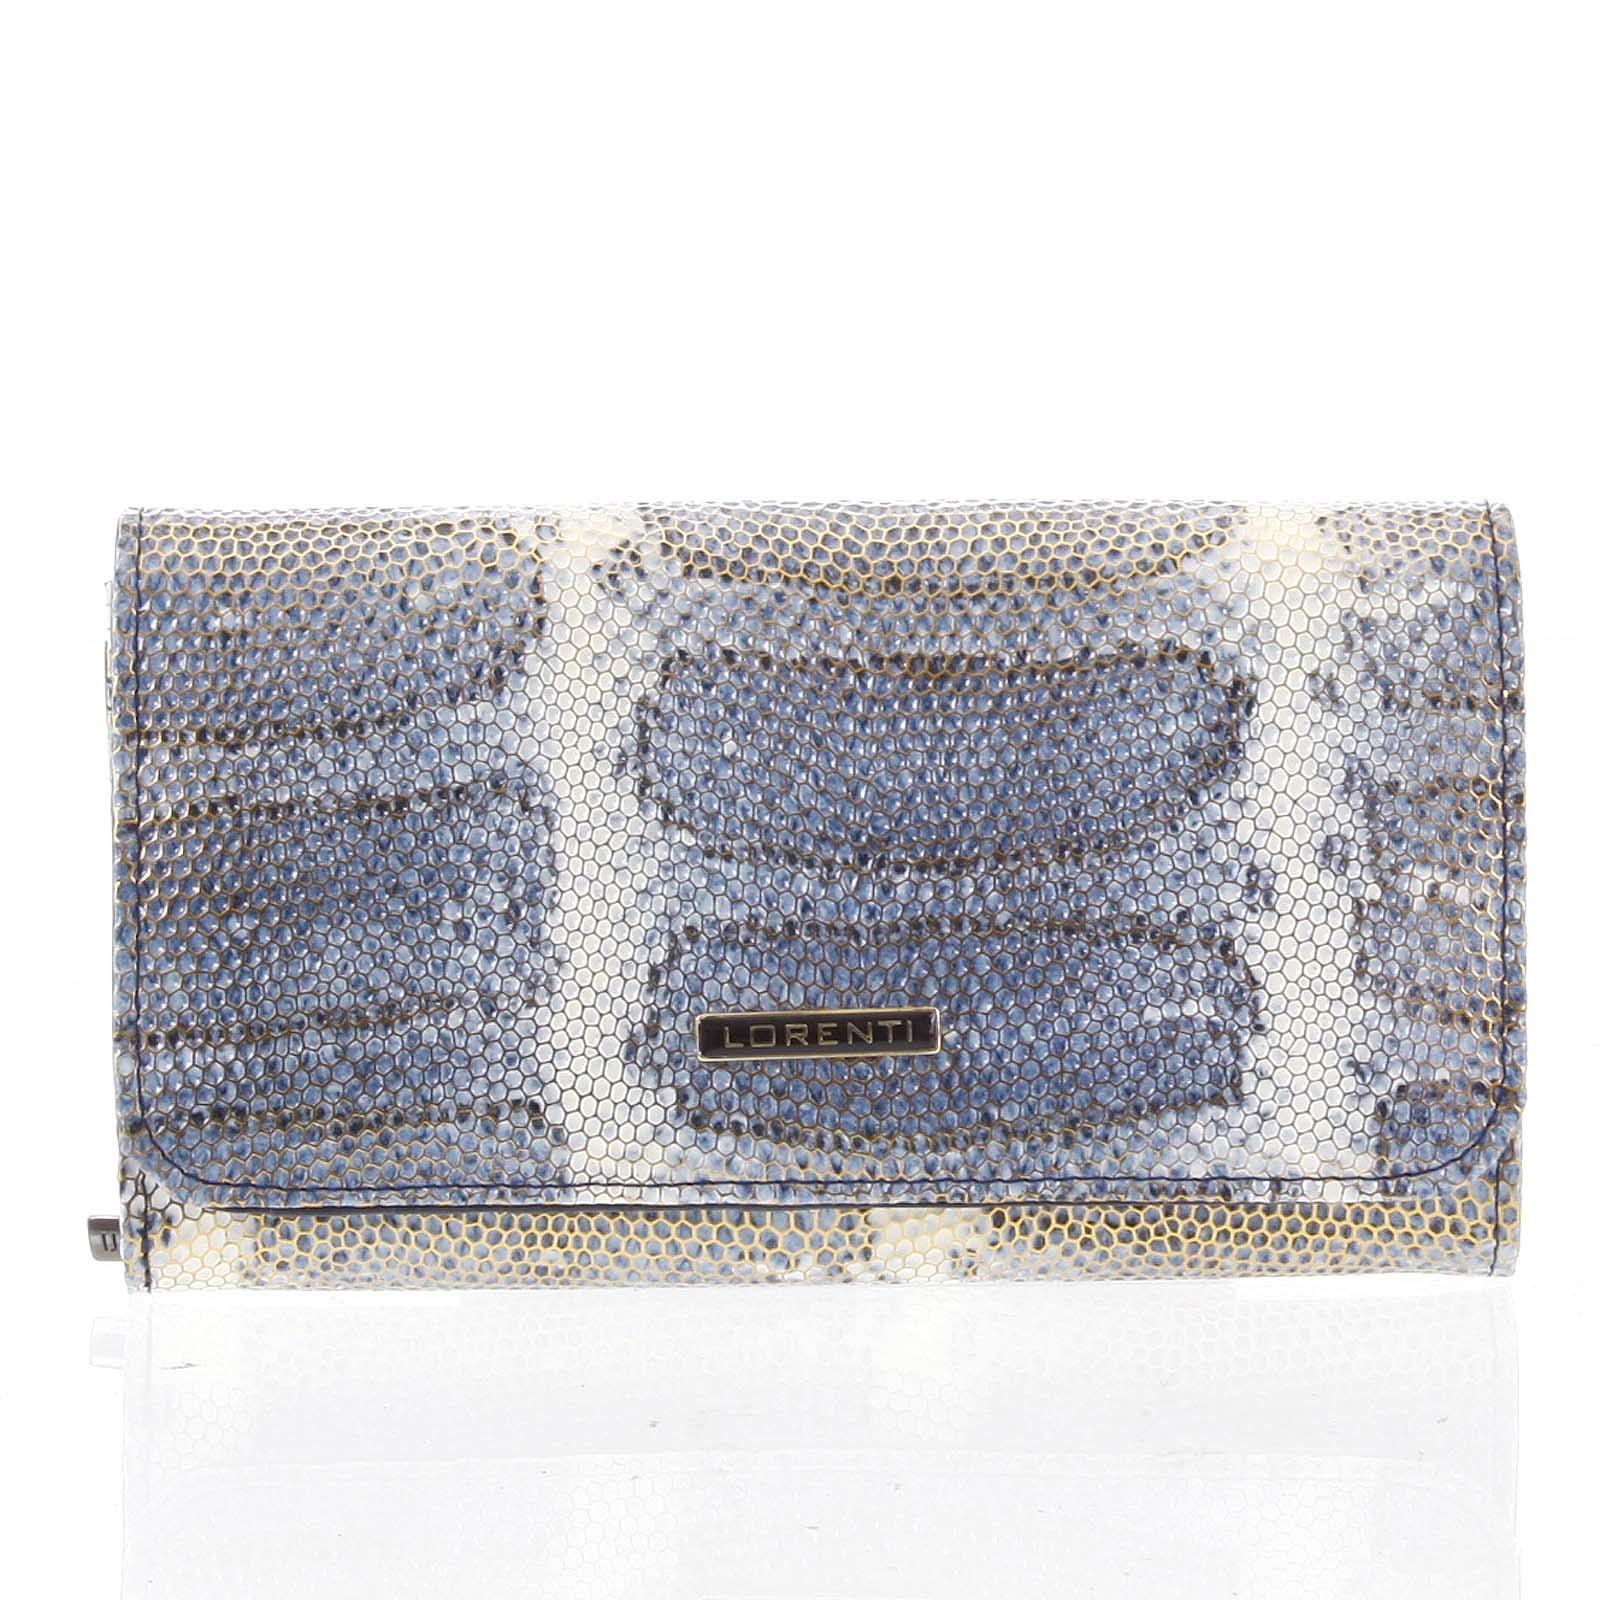 Luxusná hadia kožená modrá peňaženka s odleskom - Lorenti 110SK